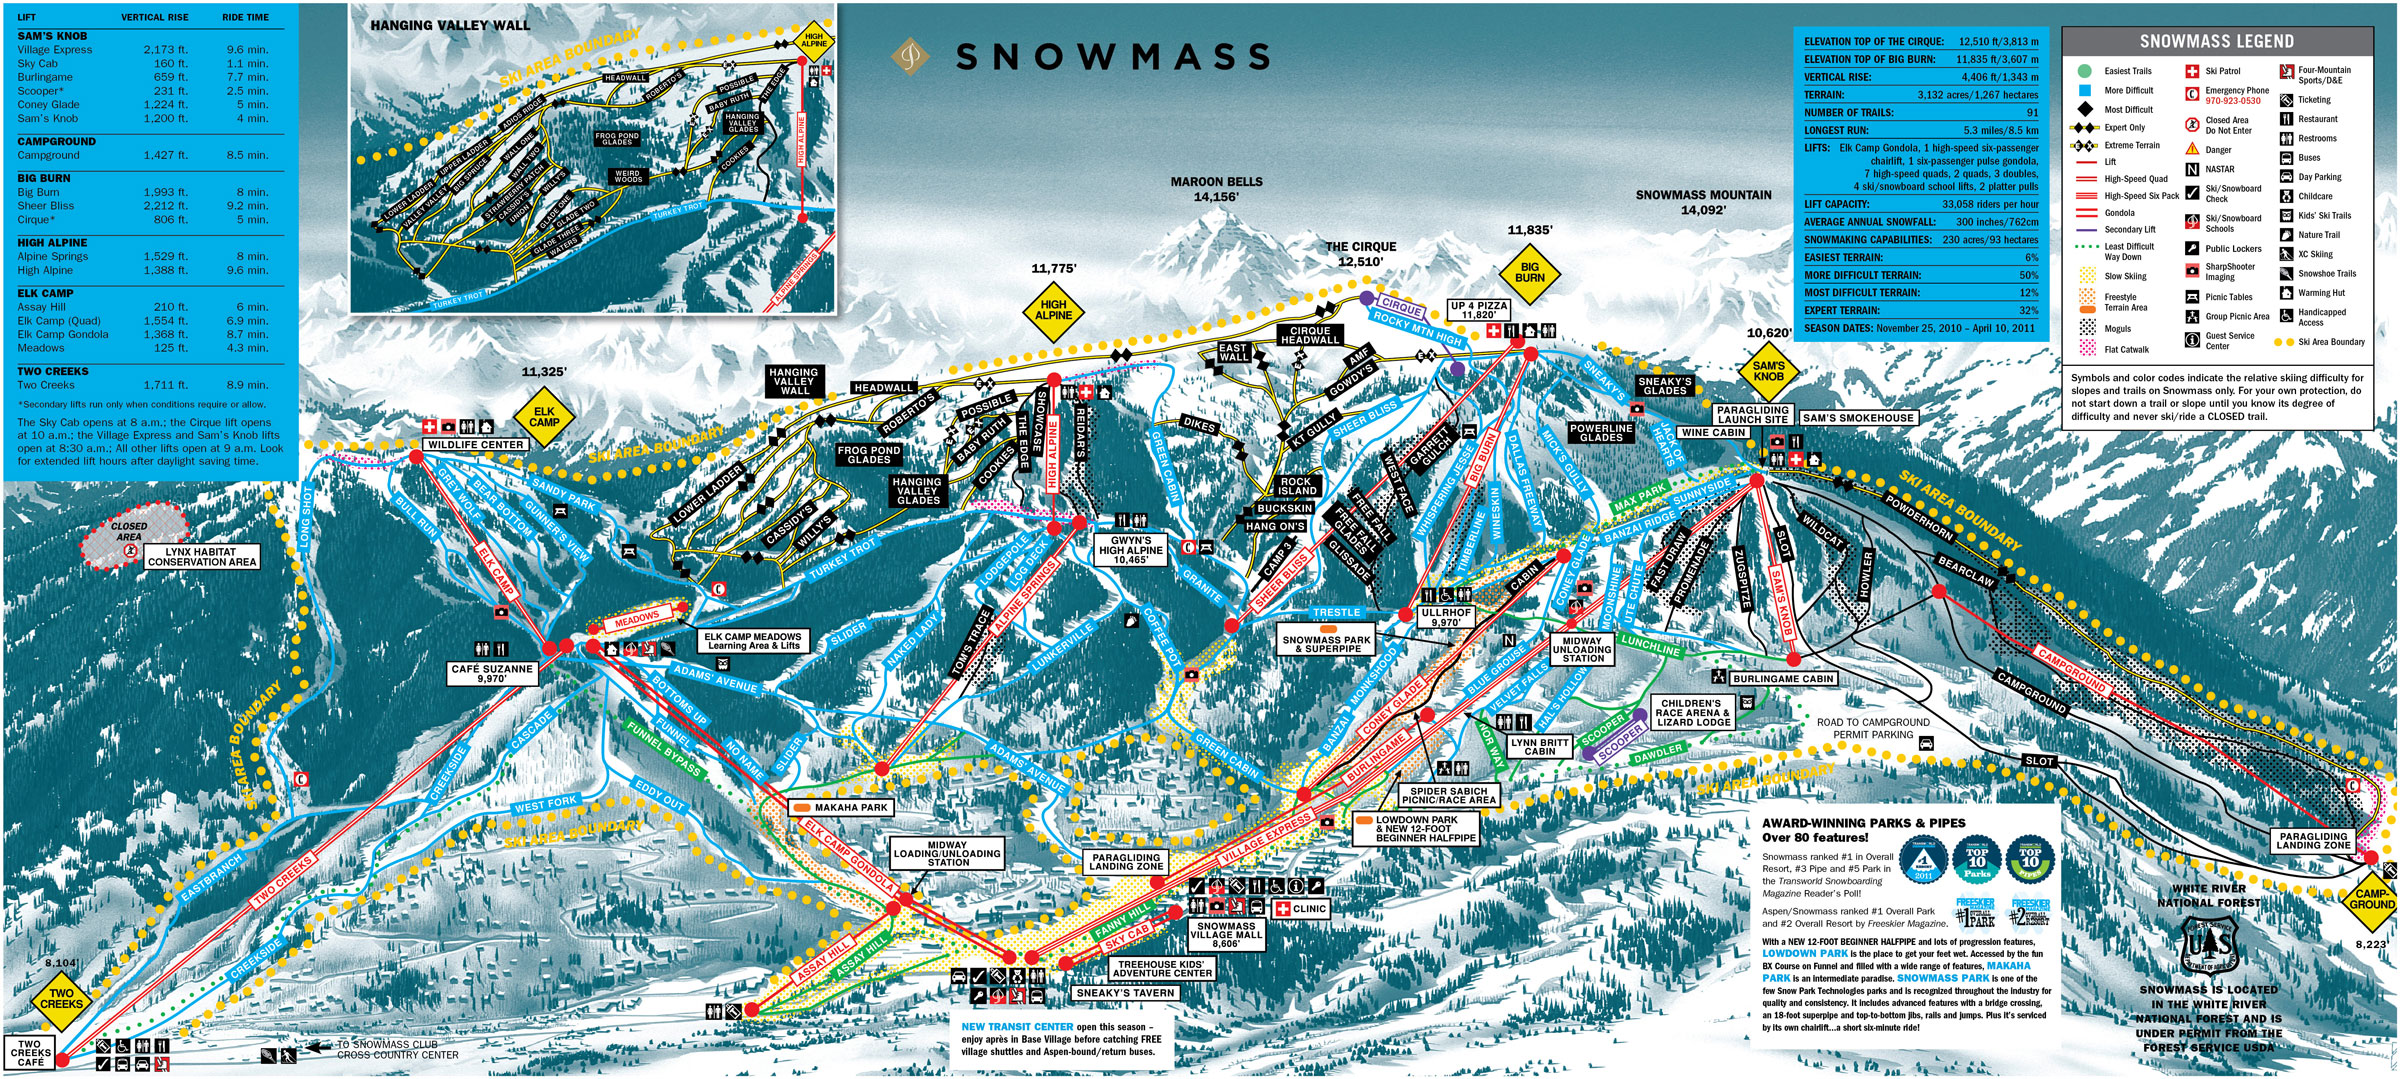 ski-resort-luxury-ski-resorts-close-to-colorado-springs-ski-resorts-near-university-colorado-boulder-winter-park-ski-resort-colorado-usa-ski-resorts-in-colorado-tripadvisor-ski-resorts-close-to-c.jpg